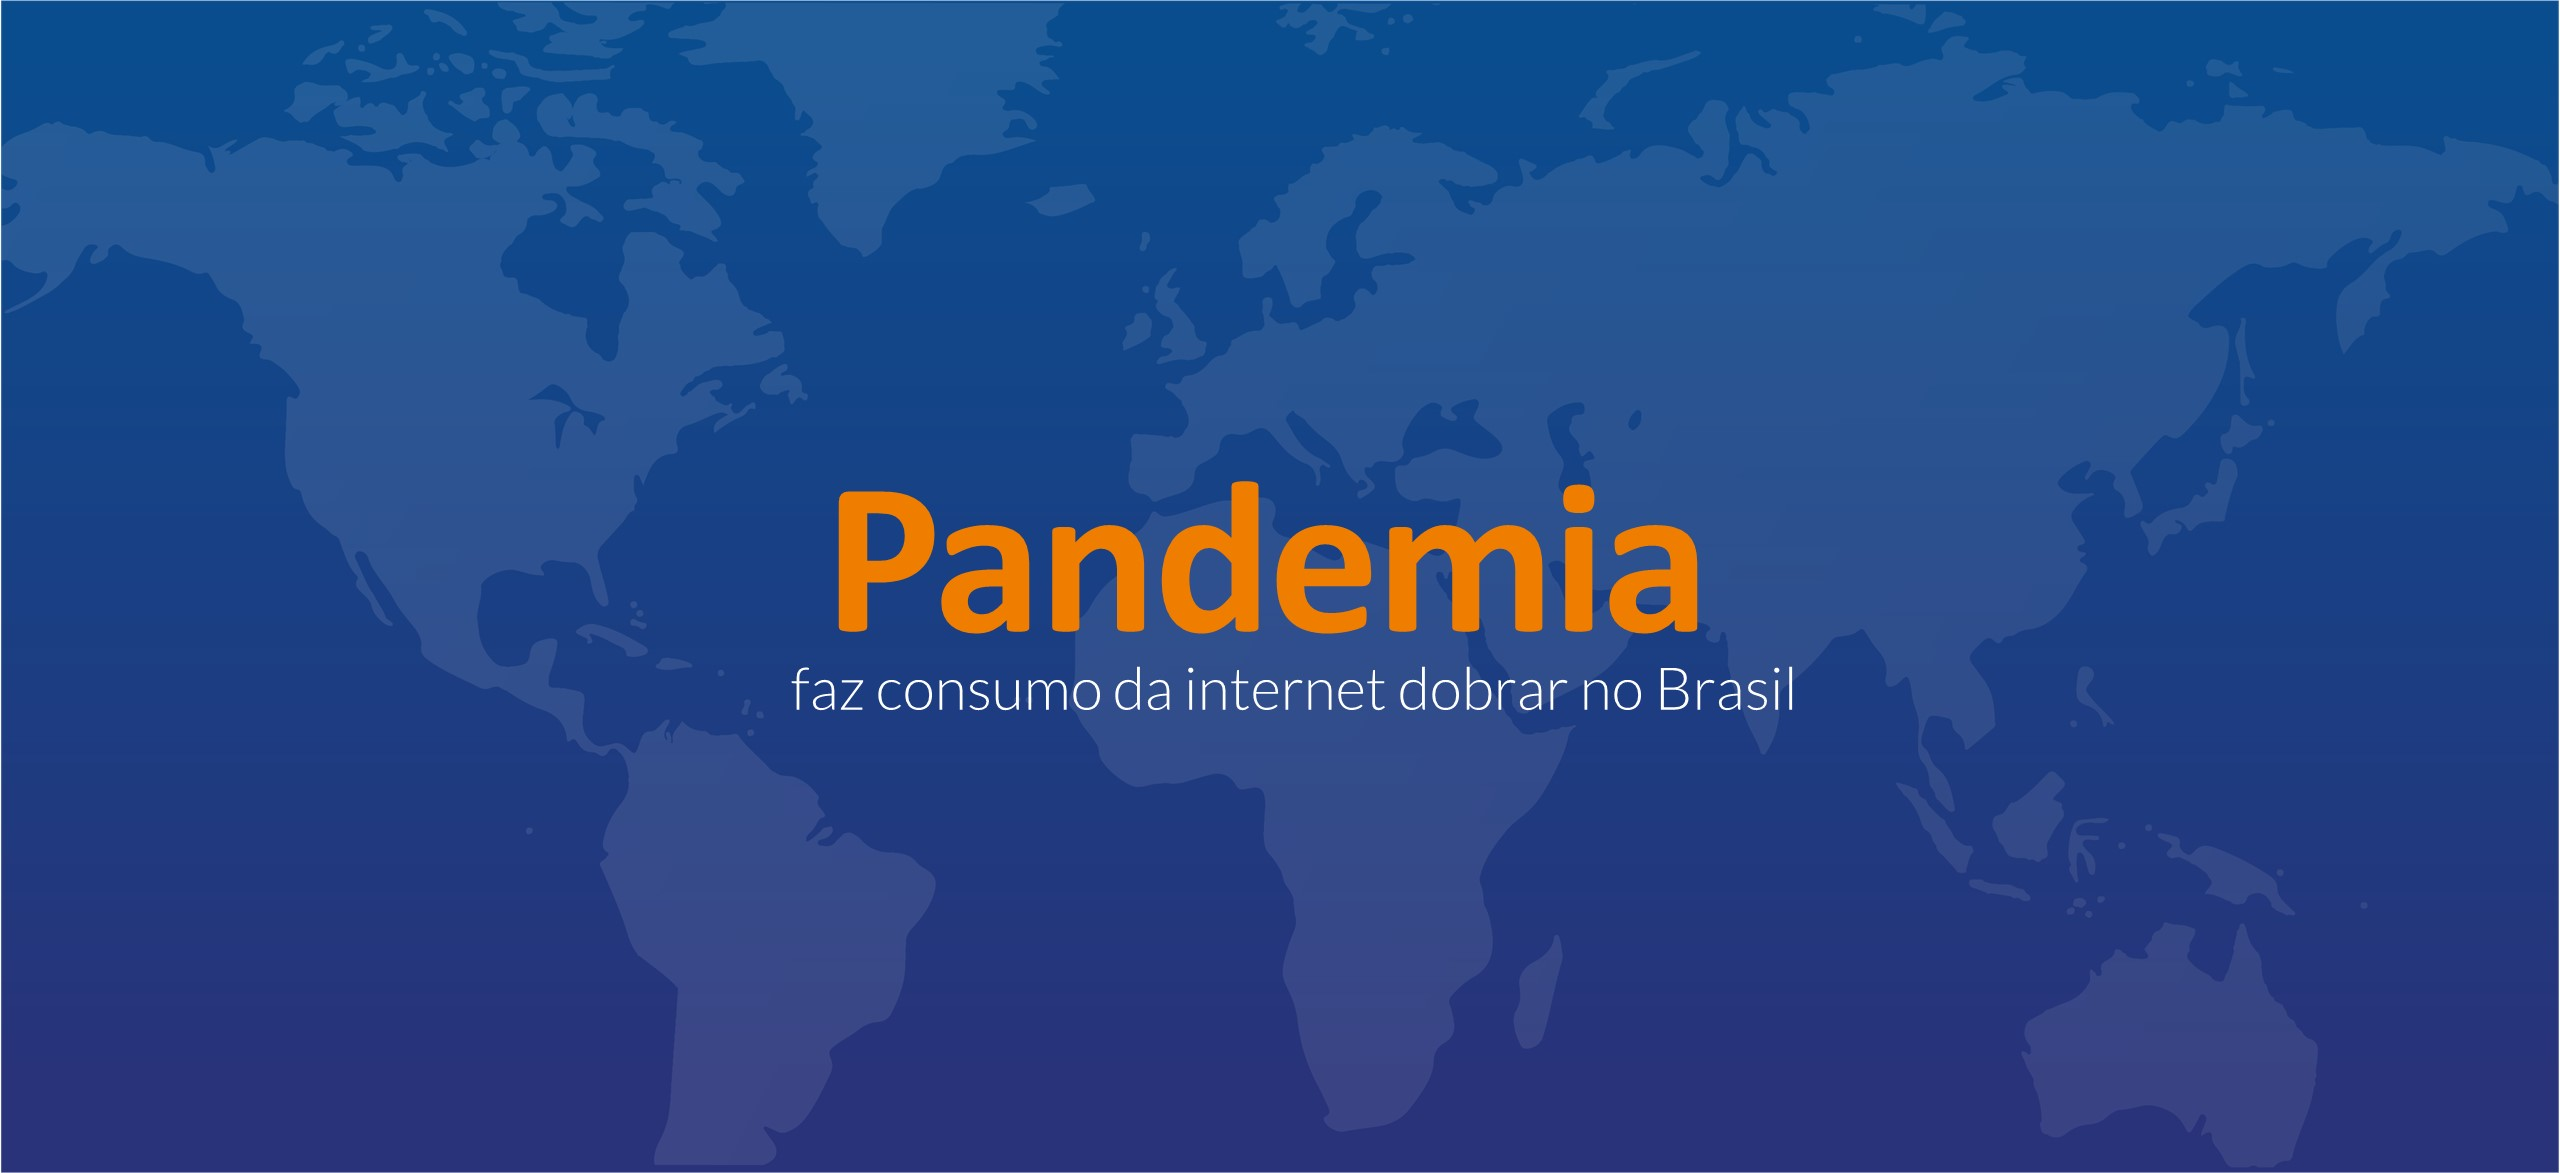 Pandemia faz consumo da internet dobrar no Brasil